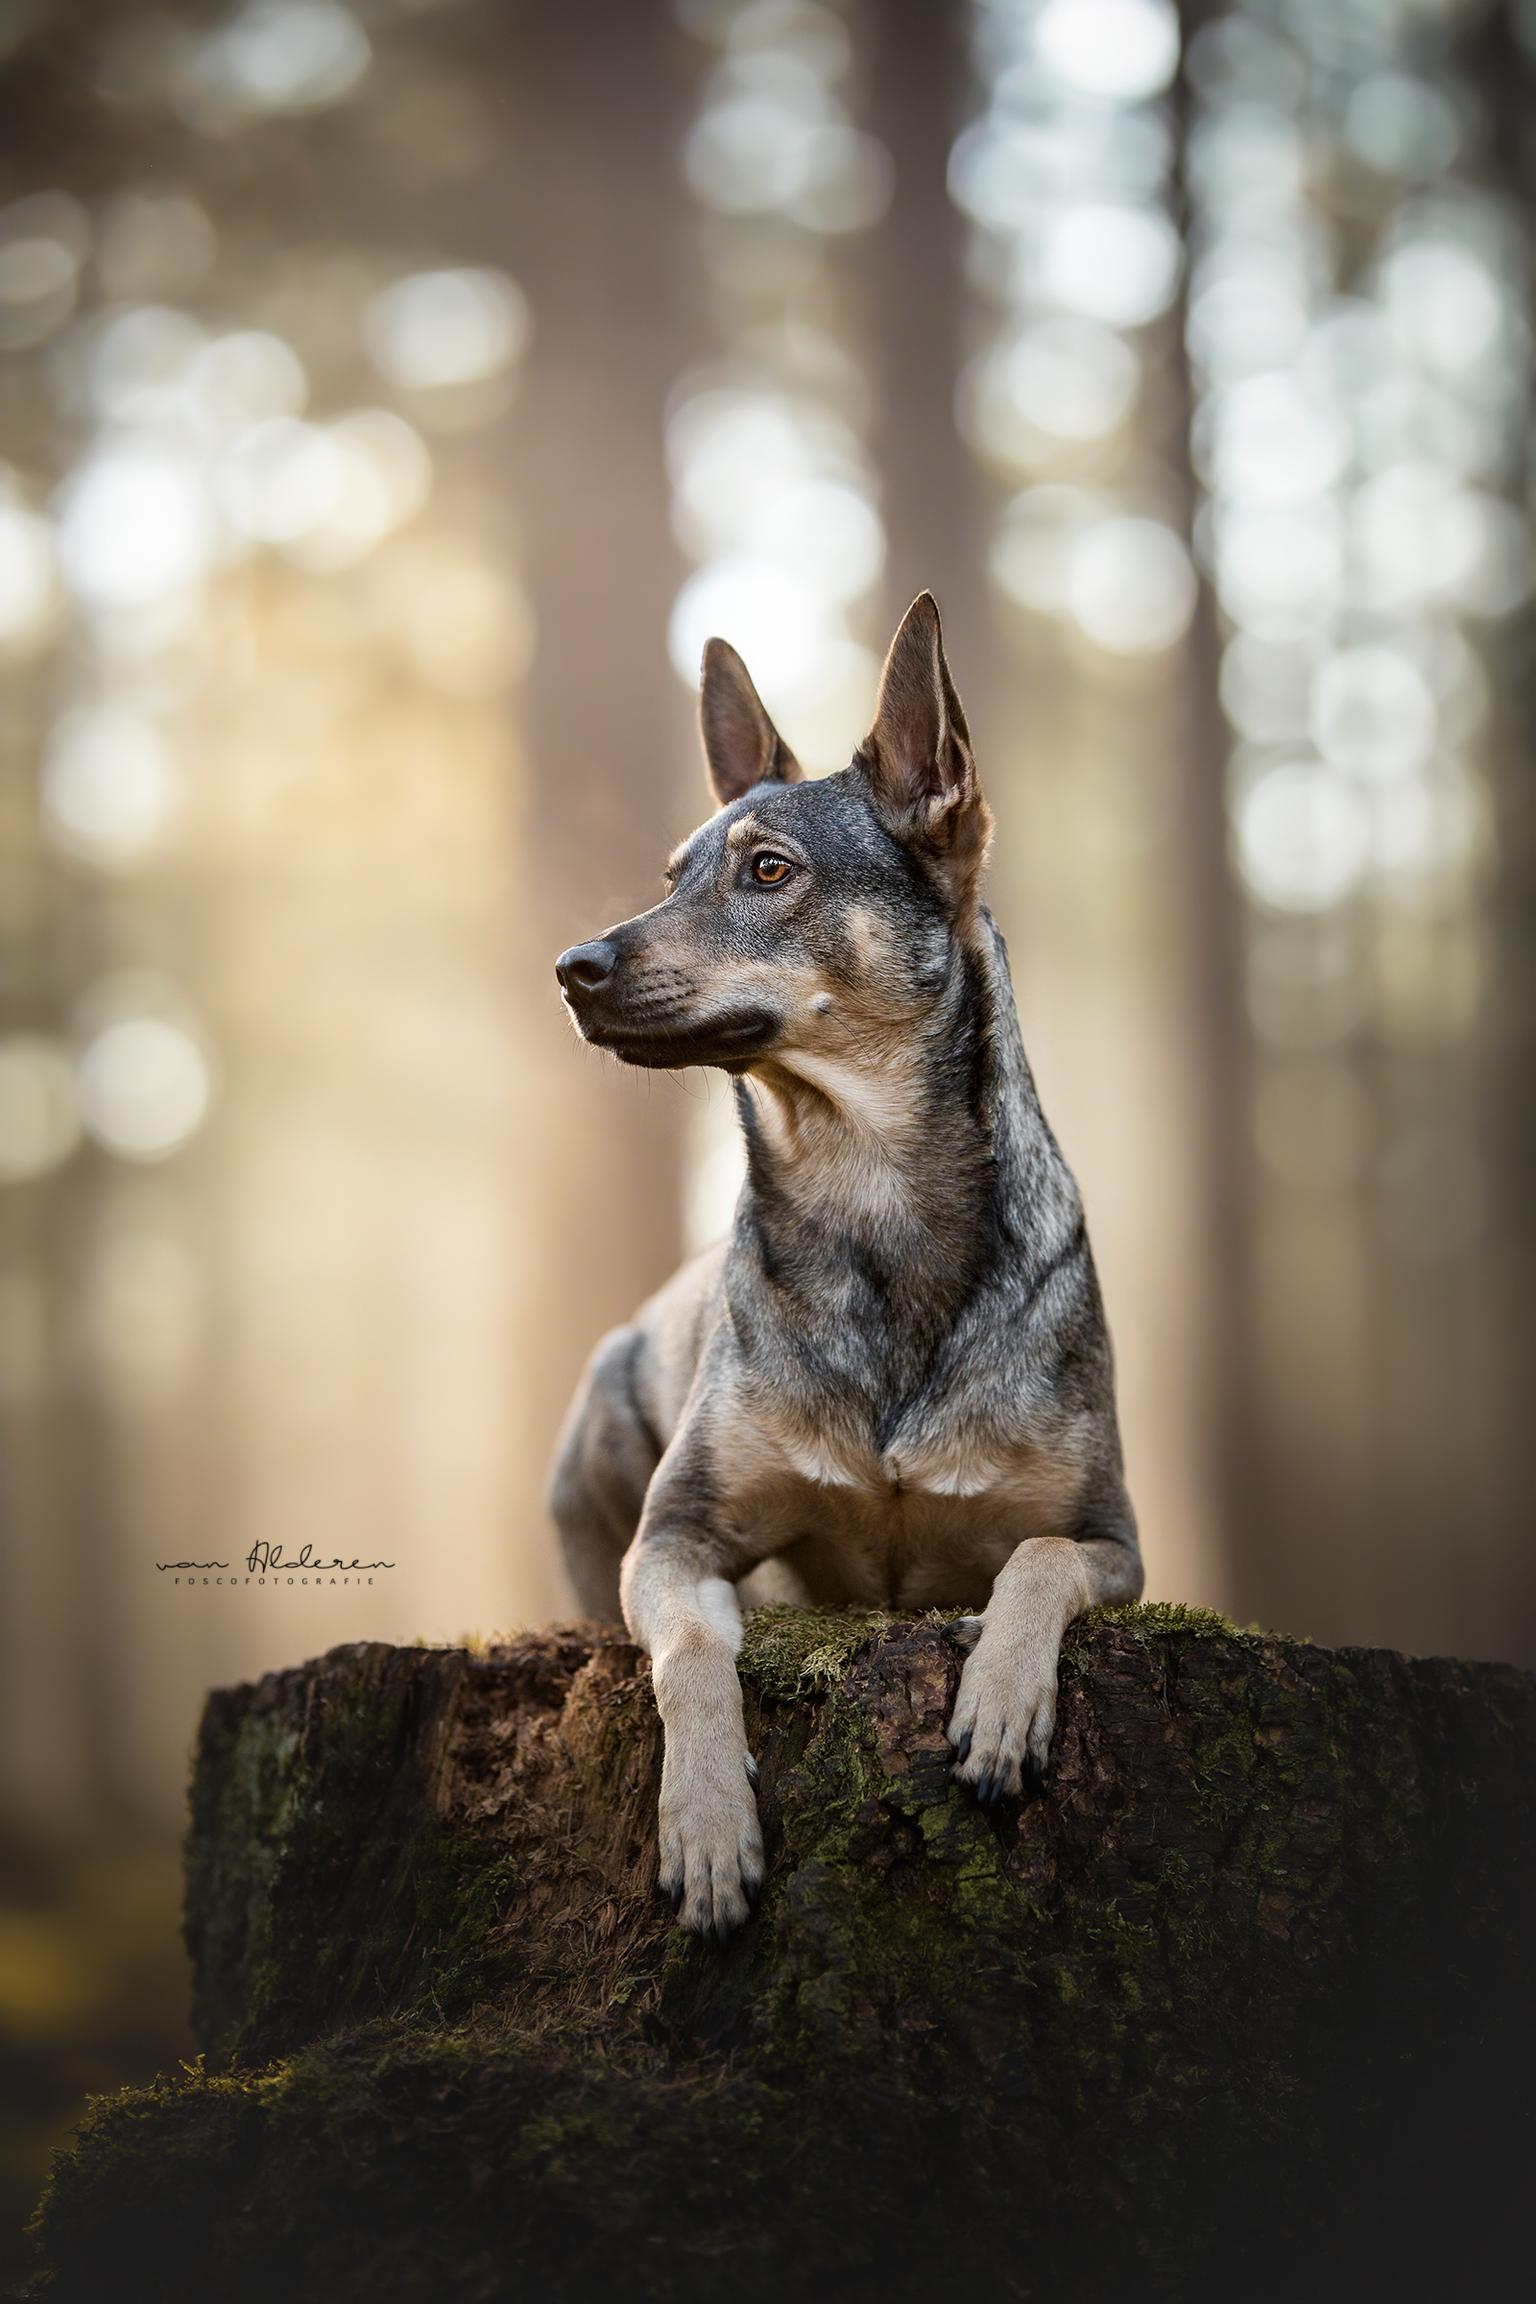 Chyta - Chyta geportreteerd bij een prachtige zonsopkomst - foto door foscofotografie op 13-04-2021 - locatie: Rijen, Nederland - deze foto bevat: hond, honden, dier, dieren, zonnestralen, sunrays, tegenlicht, boomstronk, natuur, hondenfotografie, dierenfotografie, zomers, bokeh bollen, bokeh, scherptediepte, bos, mos, canon, hond, grijs, carnivoor, hondenras, fawn, bakkebaarden, terrestrische dieren, boom, metgezel hond, hout